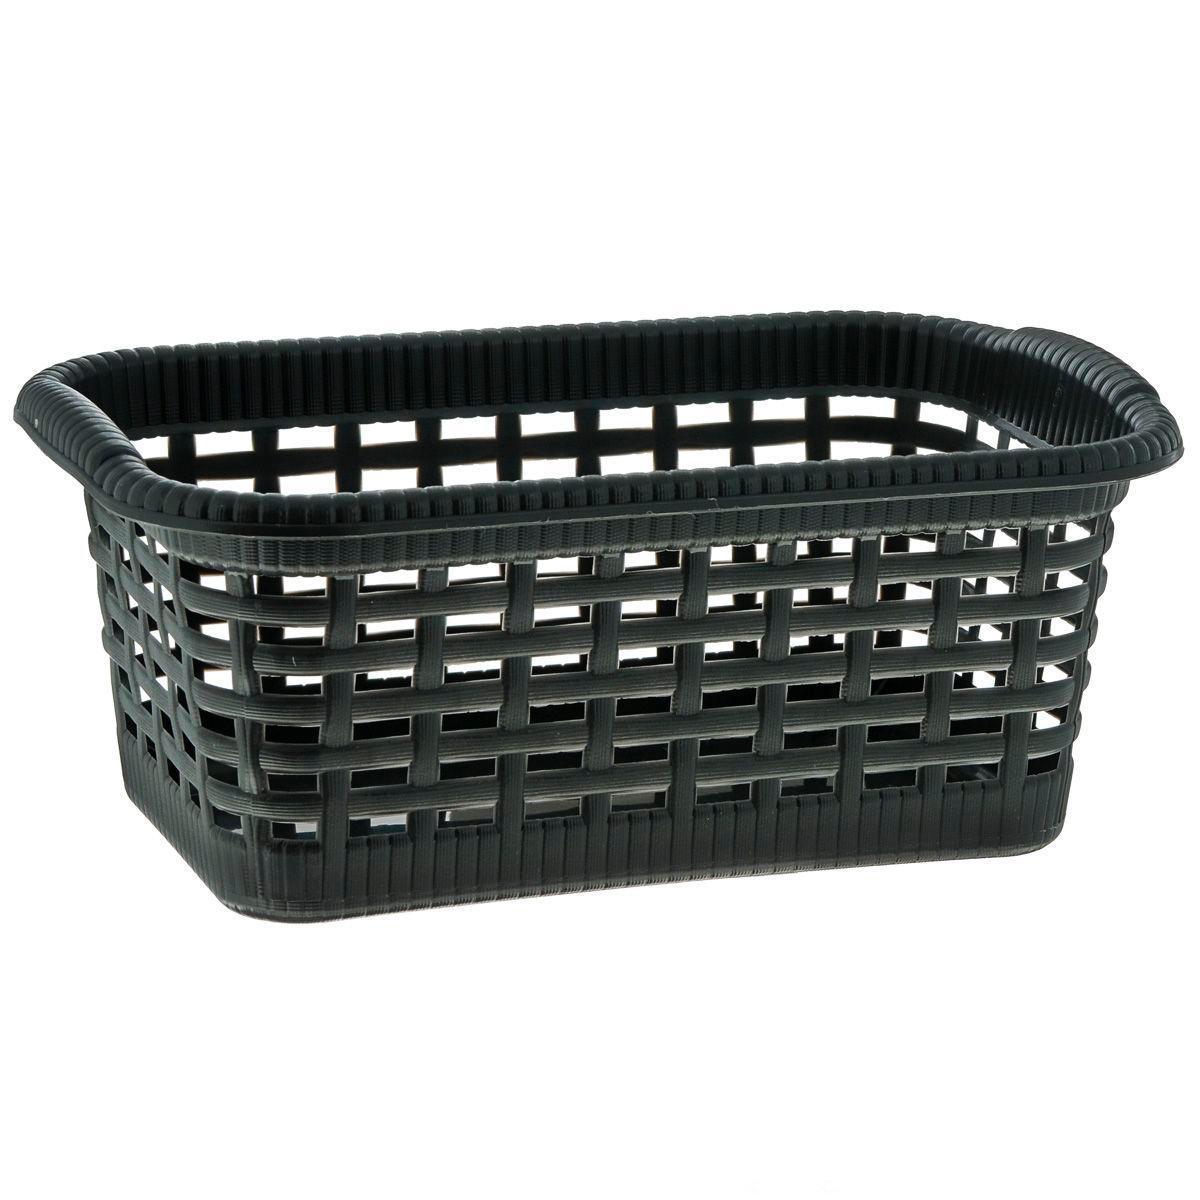 Корзина Gensini, цвет: черный, 24 x 15 x 10 см, 3 л3300